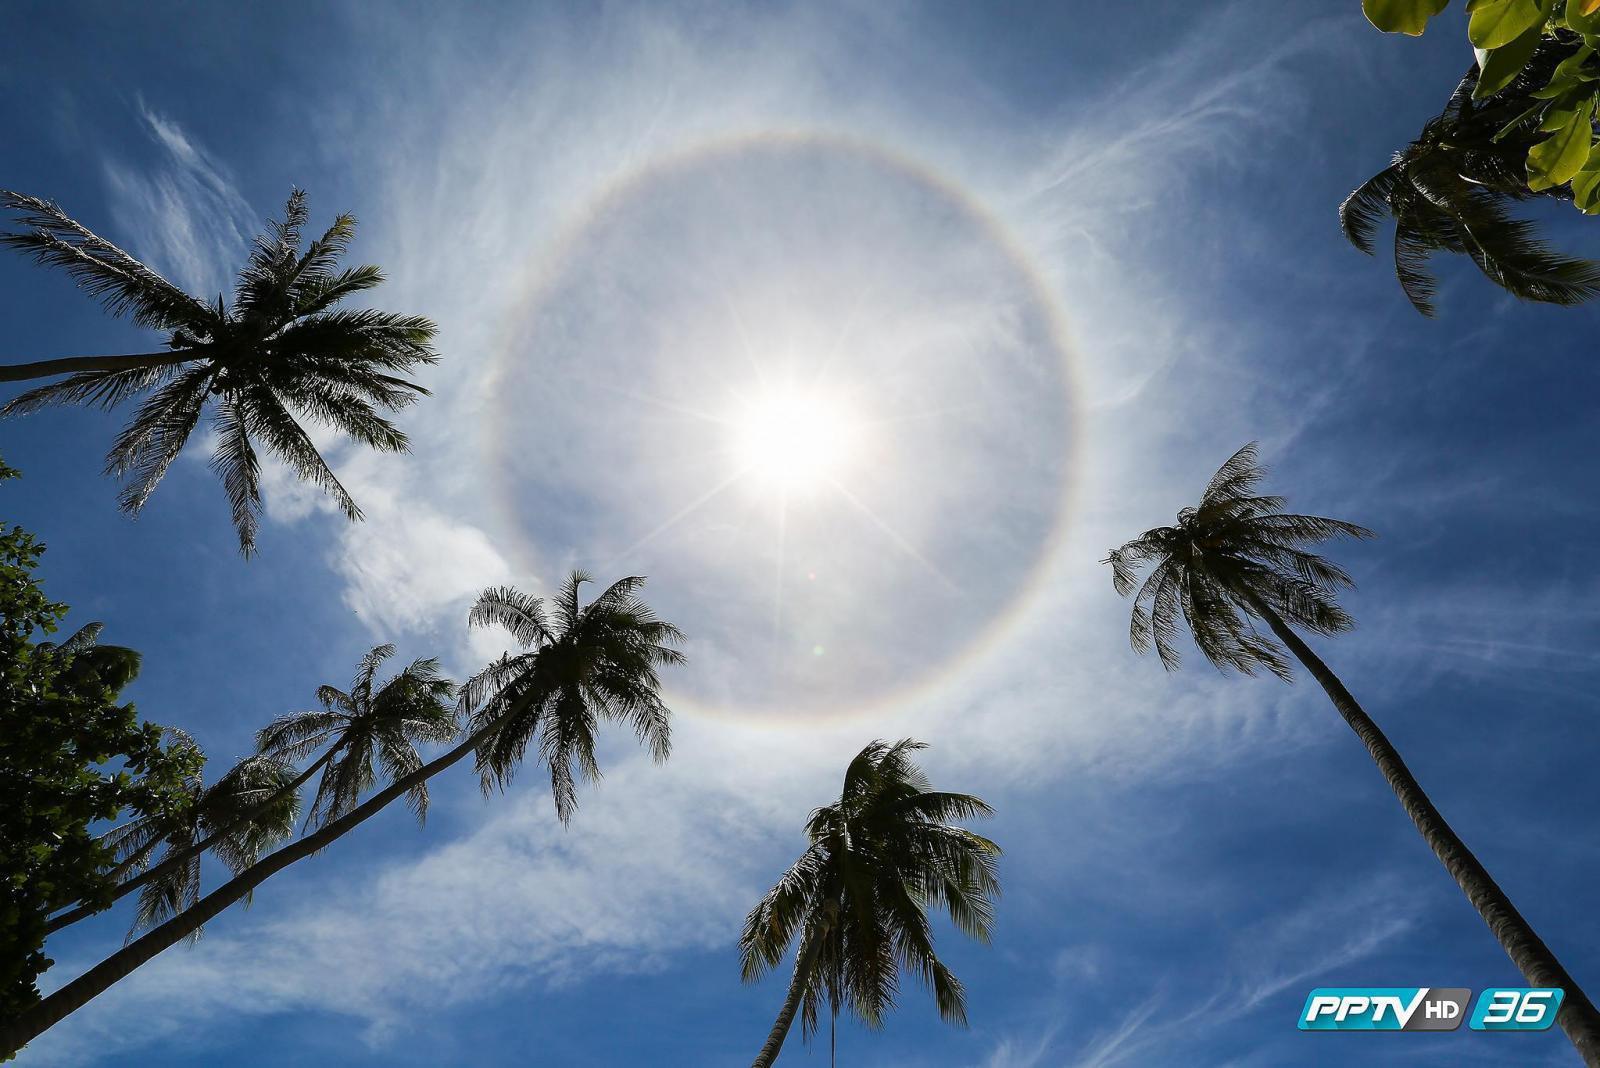 อุตุฯเผย กทม. มีอุณหภูมิสูงสุด 34-39 องศาเซลเซียส